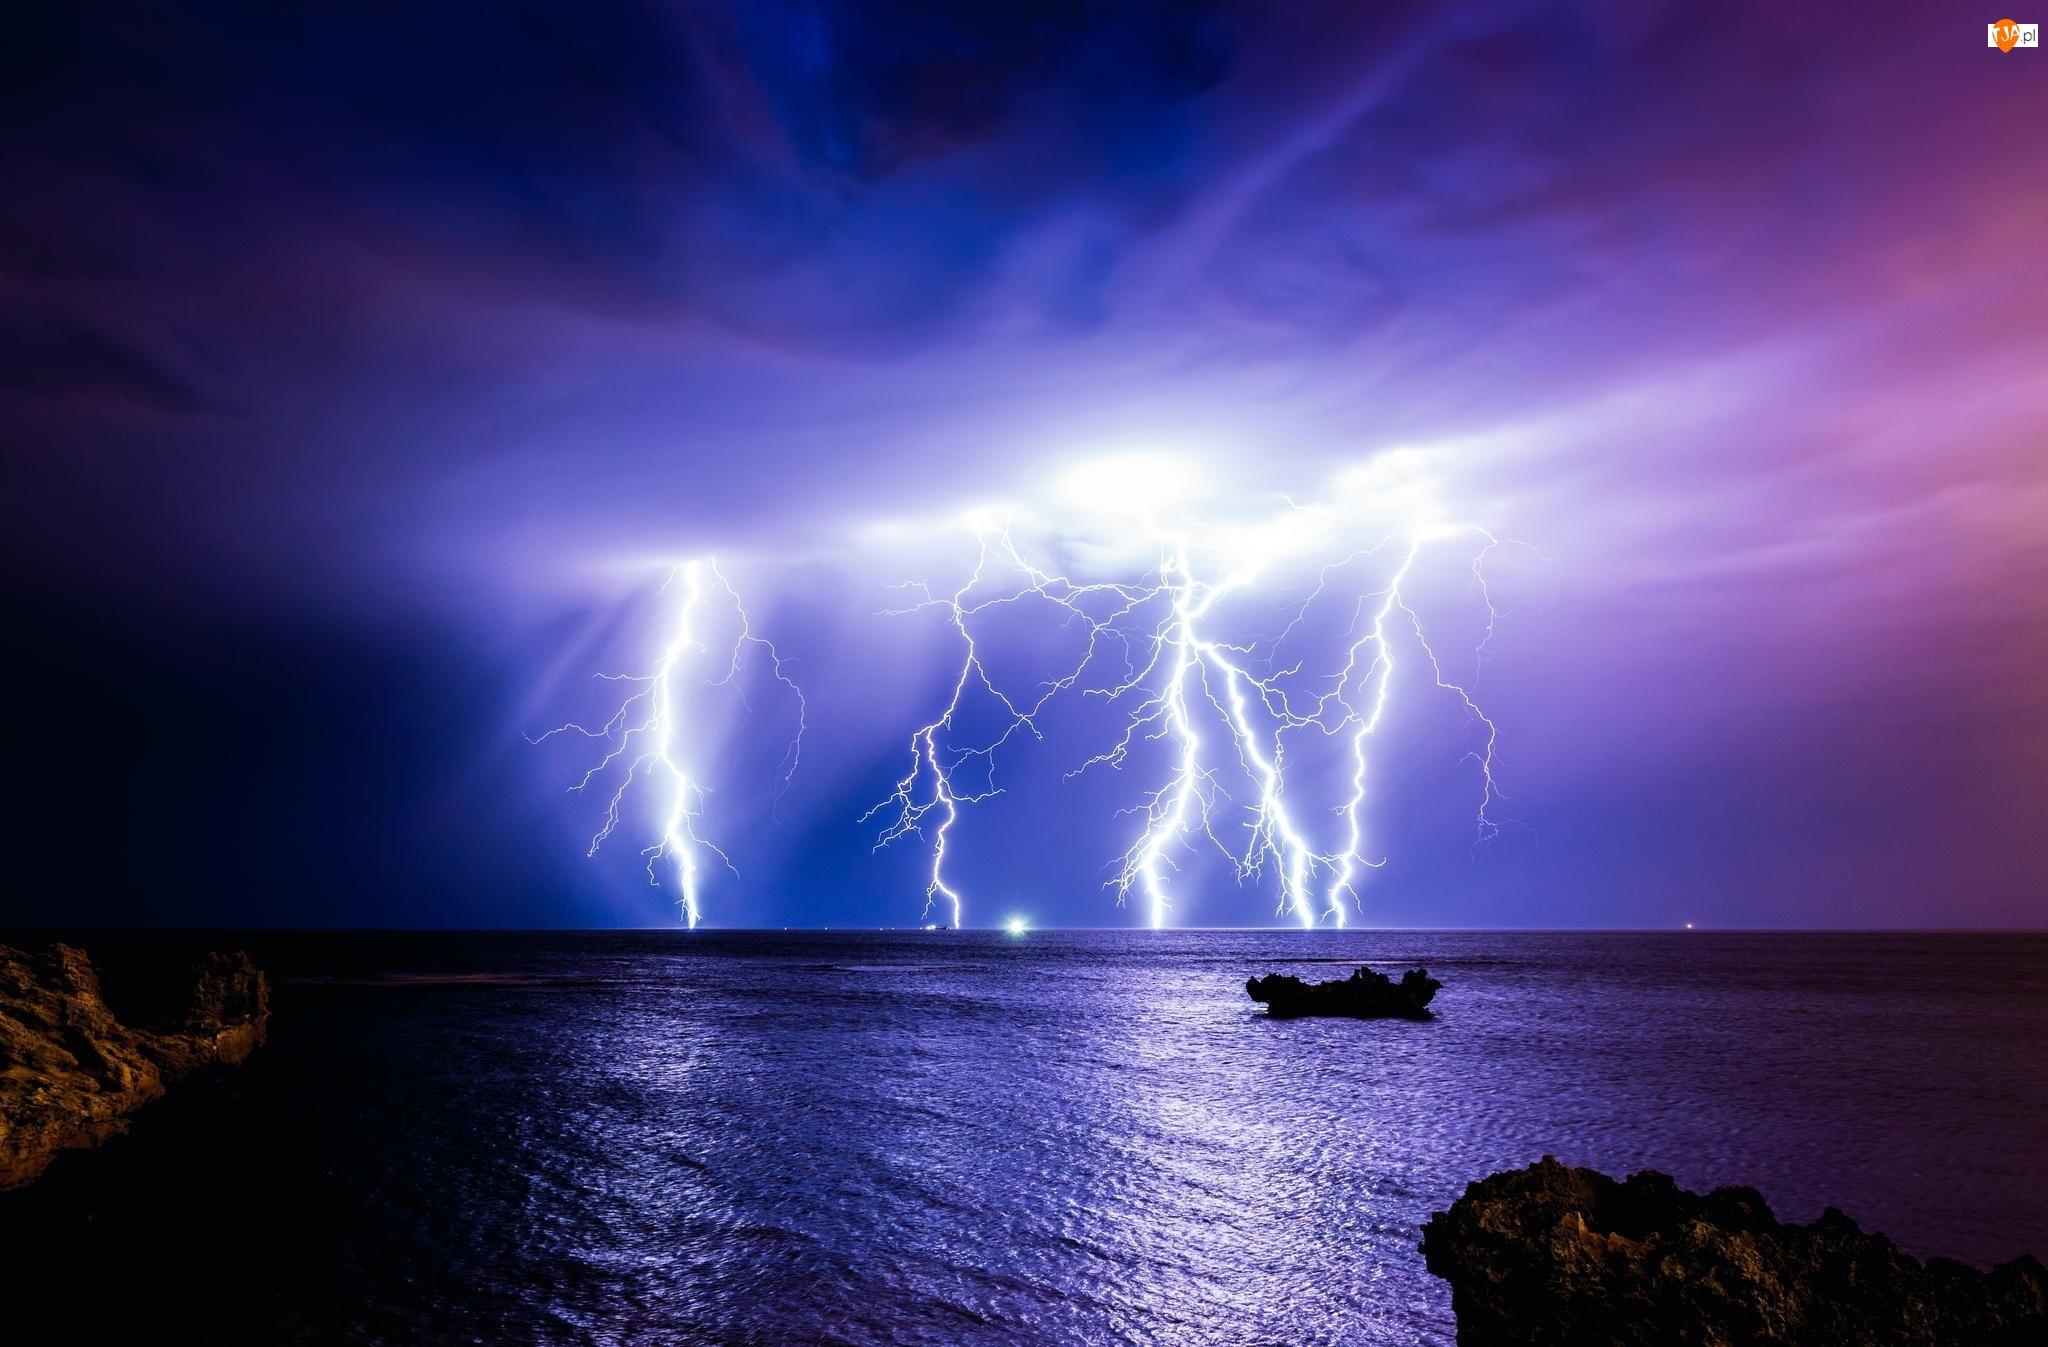 Noc, Burza, Błyskawica, Pioruny, Morze